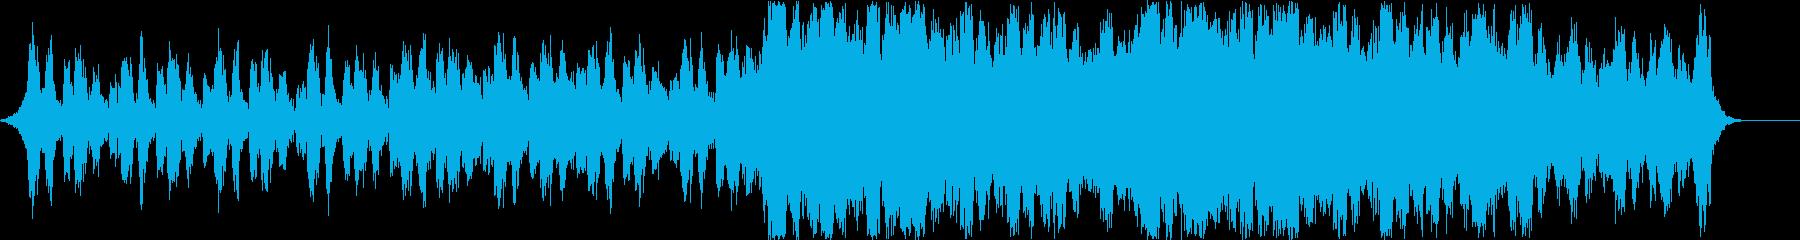 ドラマのサントラ風オーケストラ01_Aの再生済みの波形